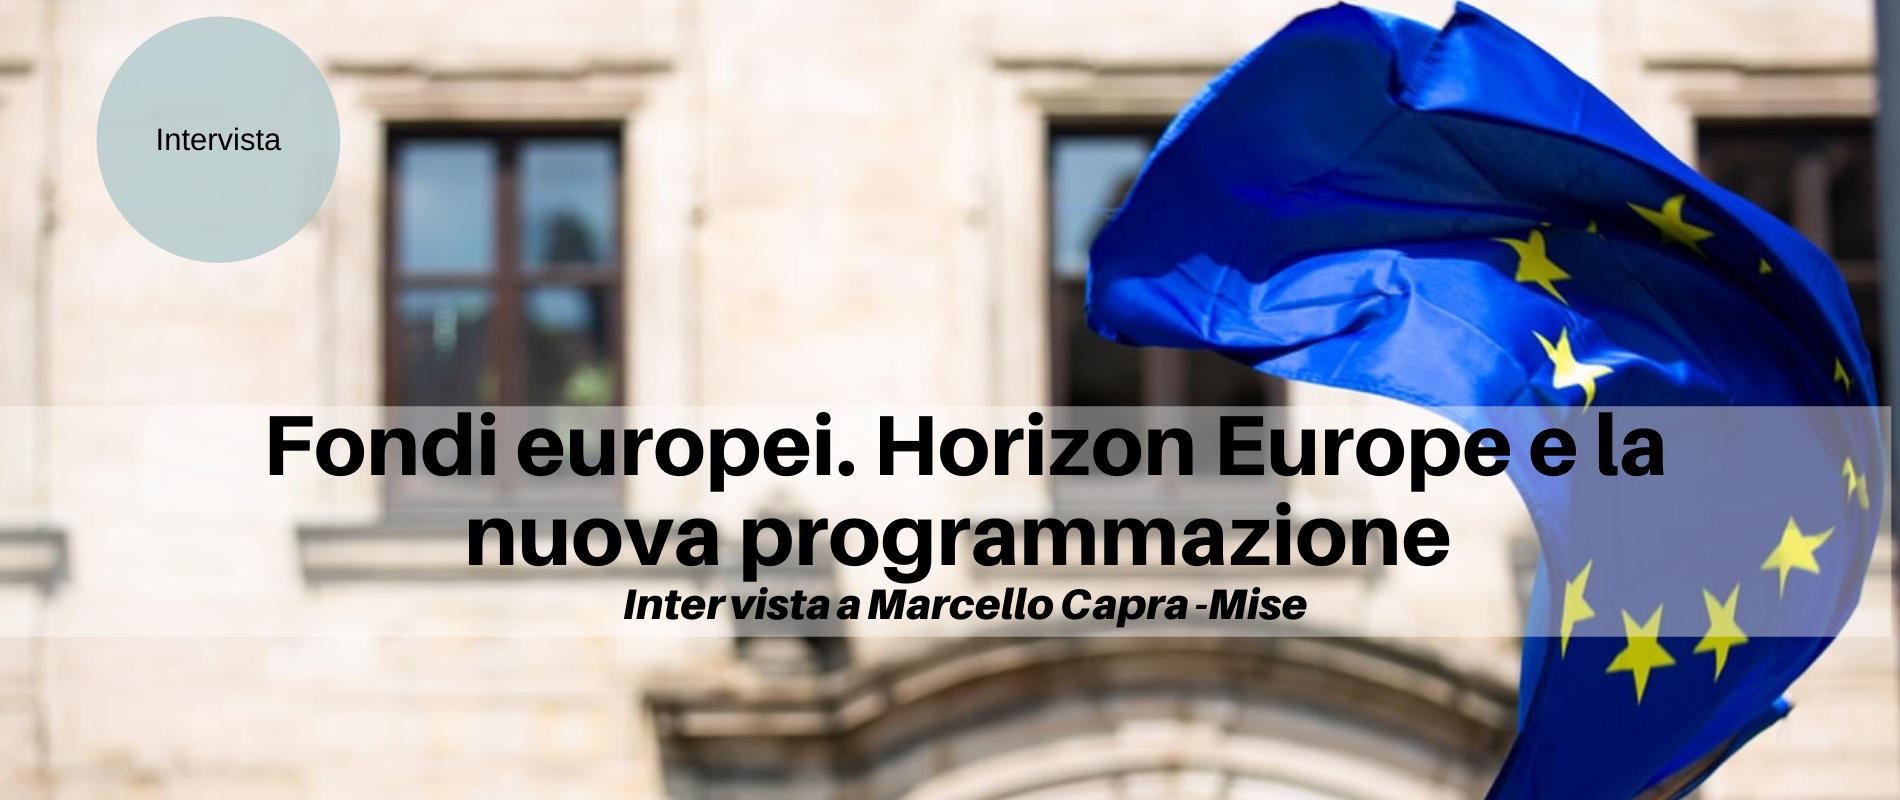 Fondi europei. Horizon Europe e la nuova programmazione